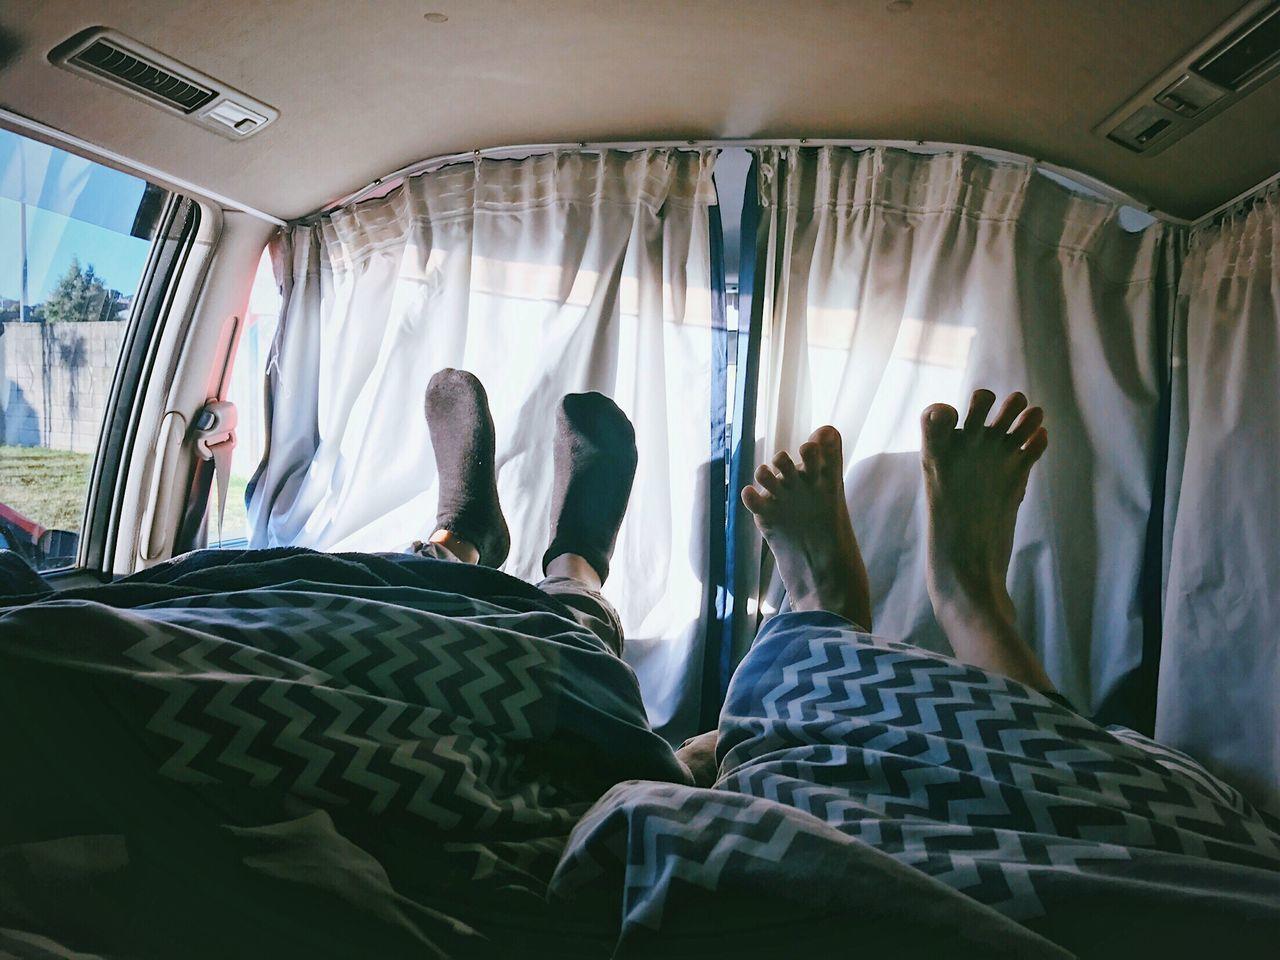 Low section of people in camper van